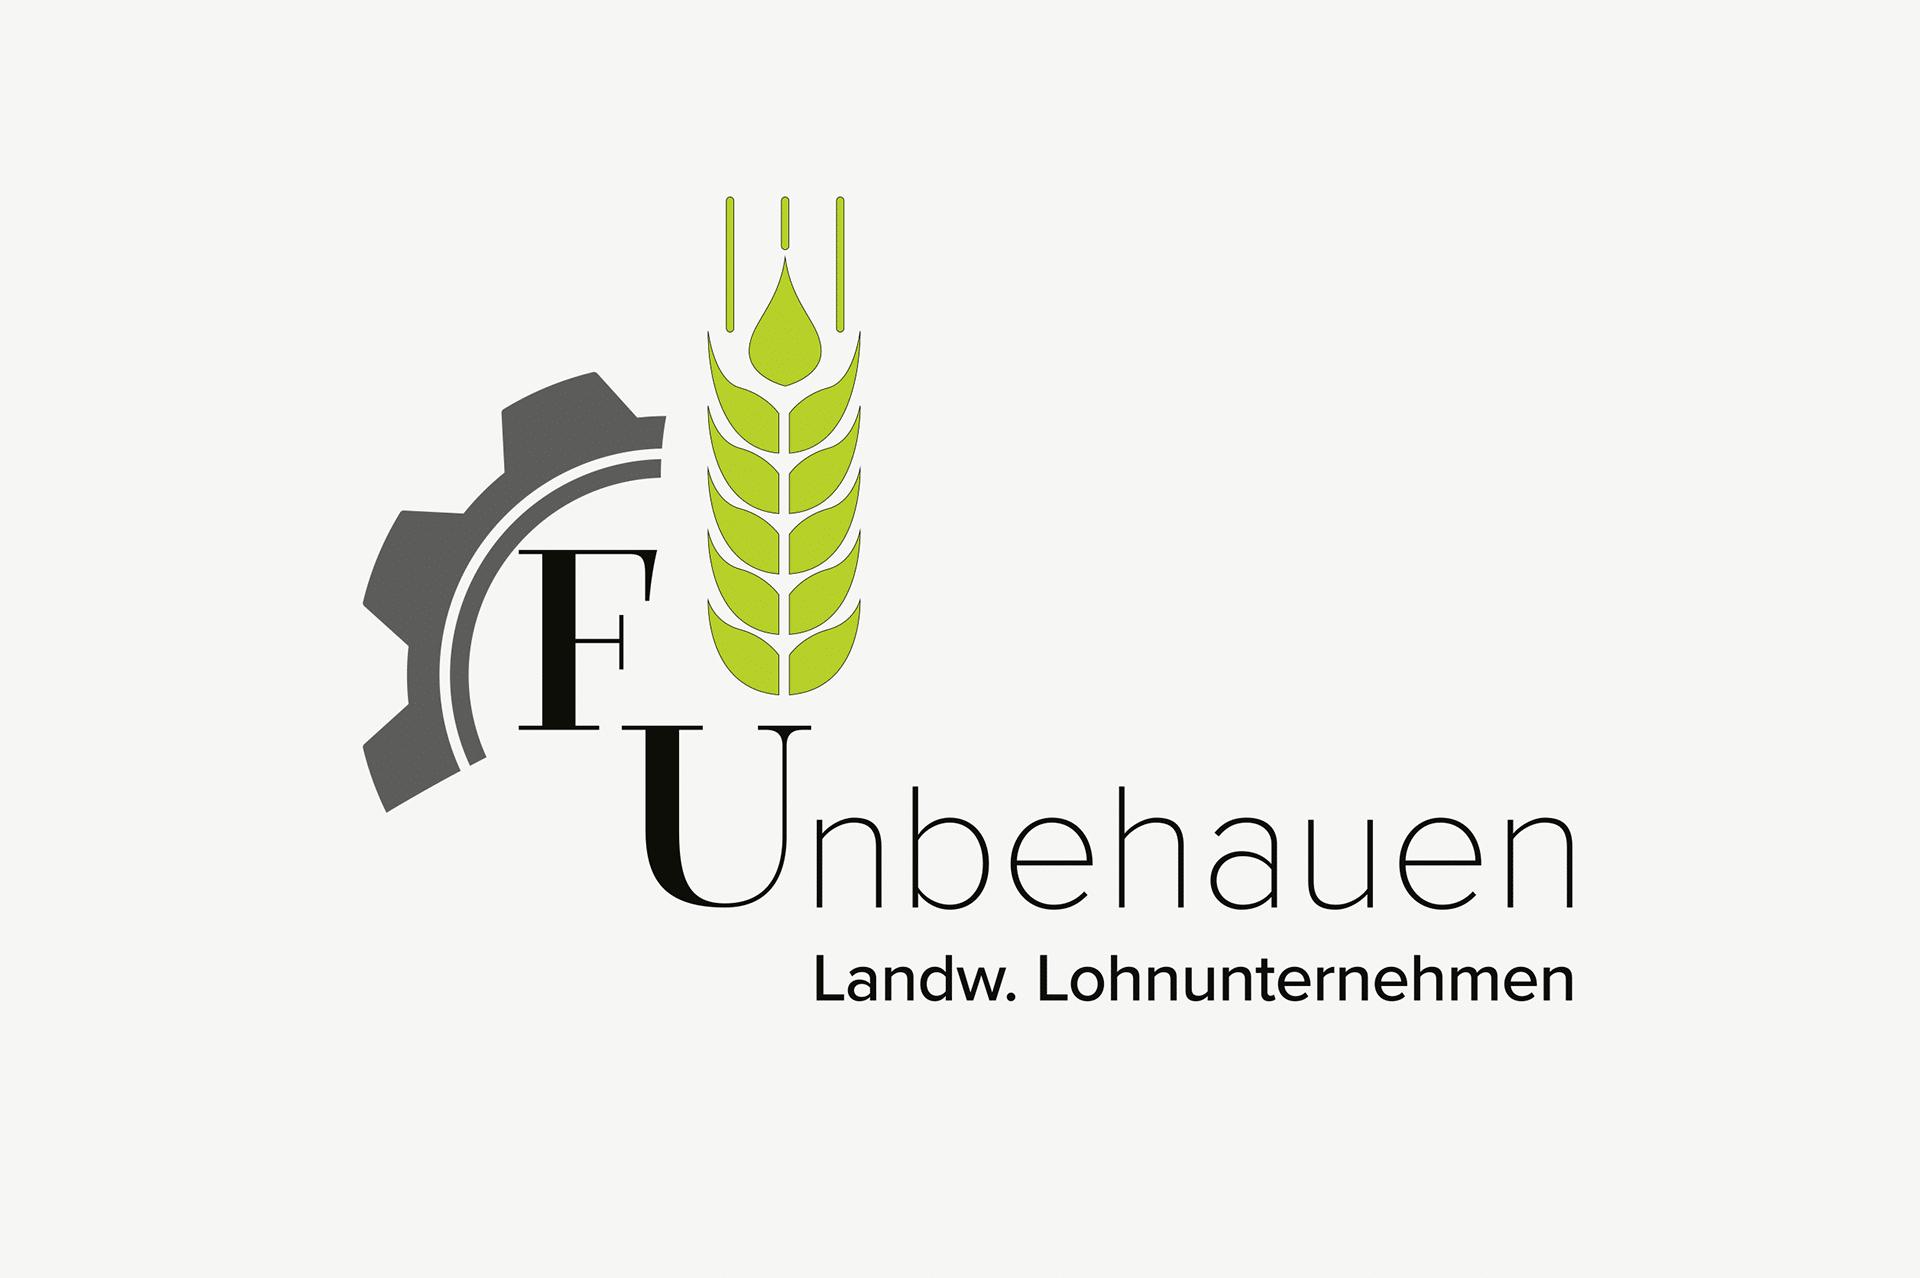 Lohnunternehmen Unbehauen / Logo